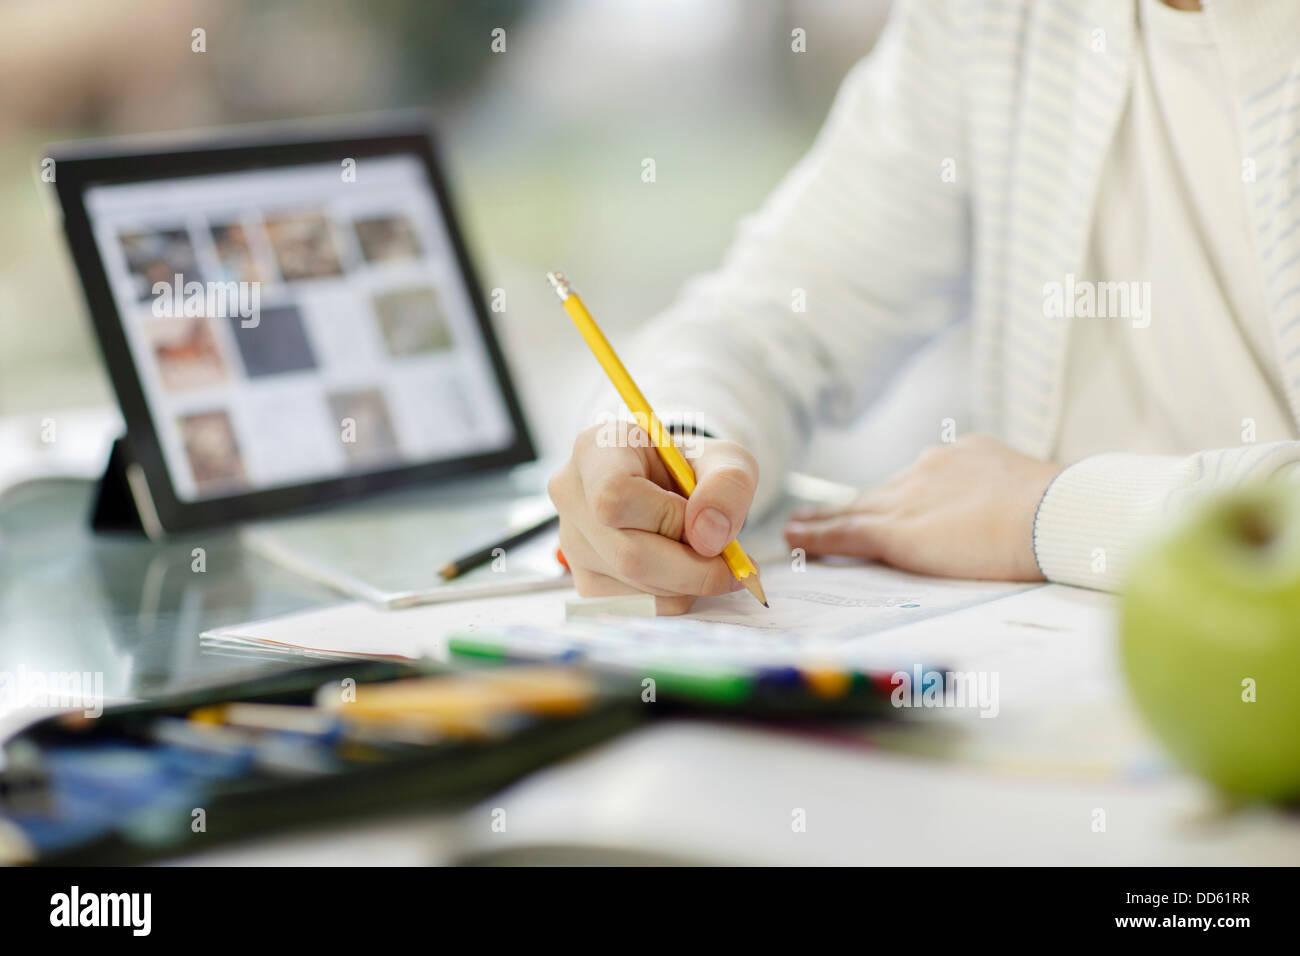 Junge mit digital-Tablette und Hausaufgaben, Osijek, Kroatien, Europa Stockbild